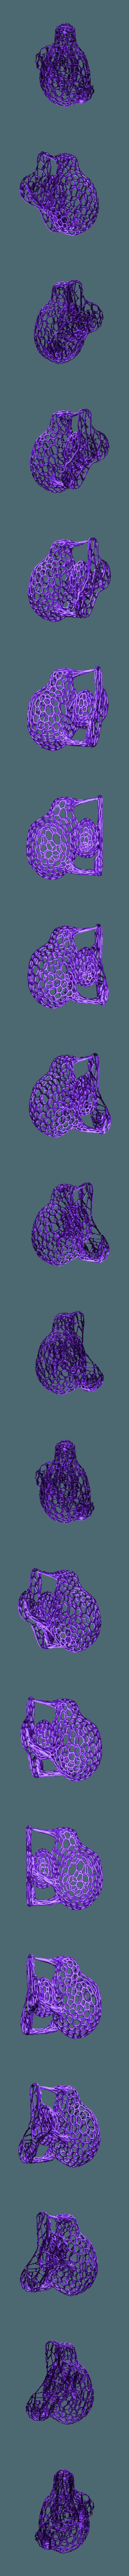 Kiwi_Smoothed_Voronoi.stl Download free STL file Kiwi • Model to 3D print, Oggie